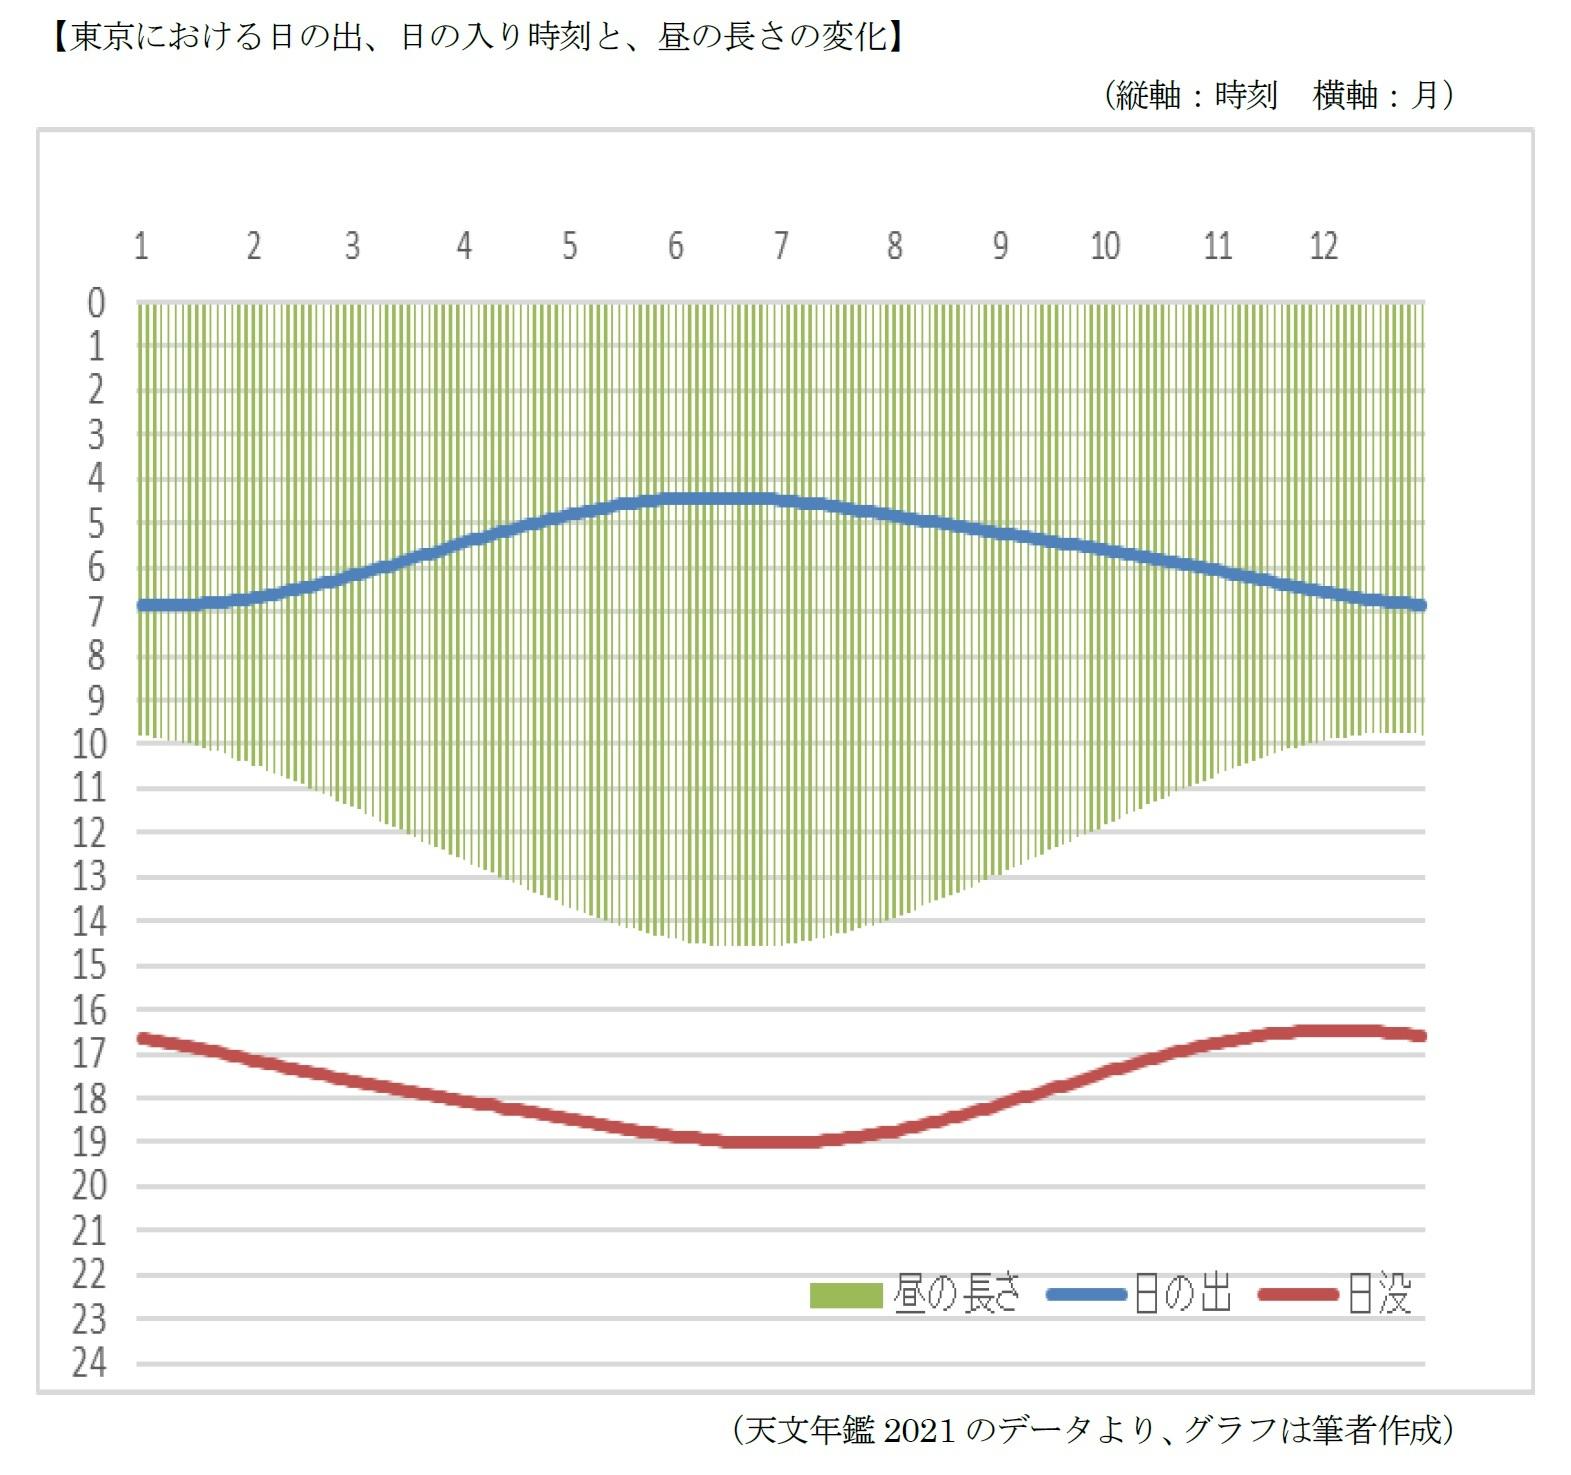 東京における日の出、日の入り時刻と、昼の長さの変化